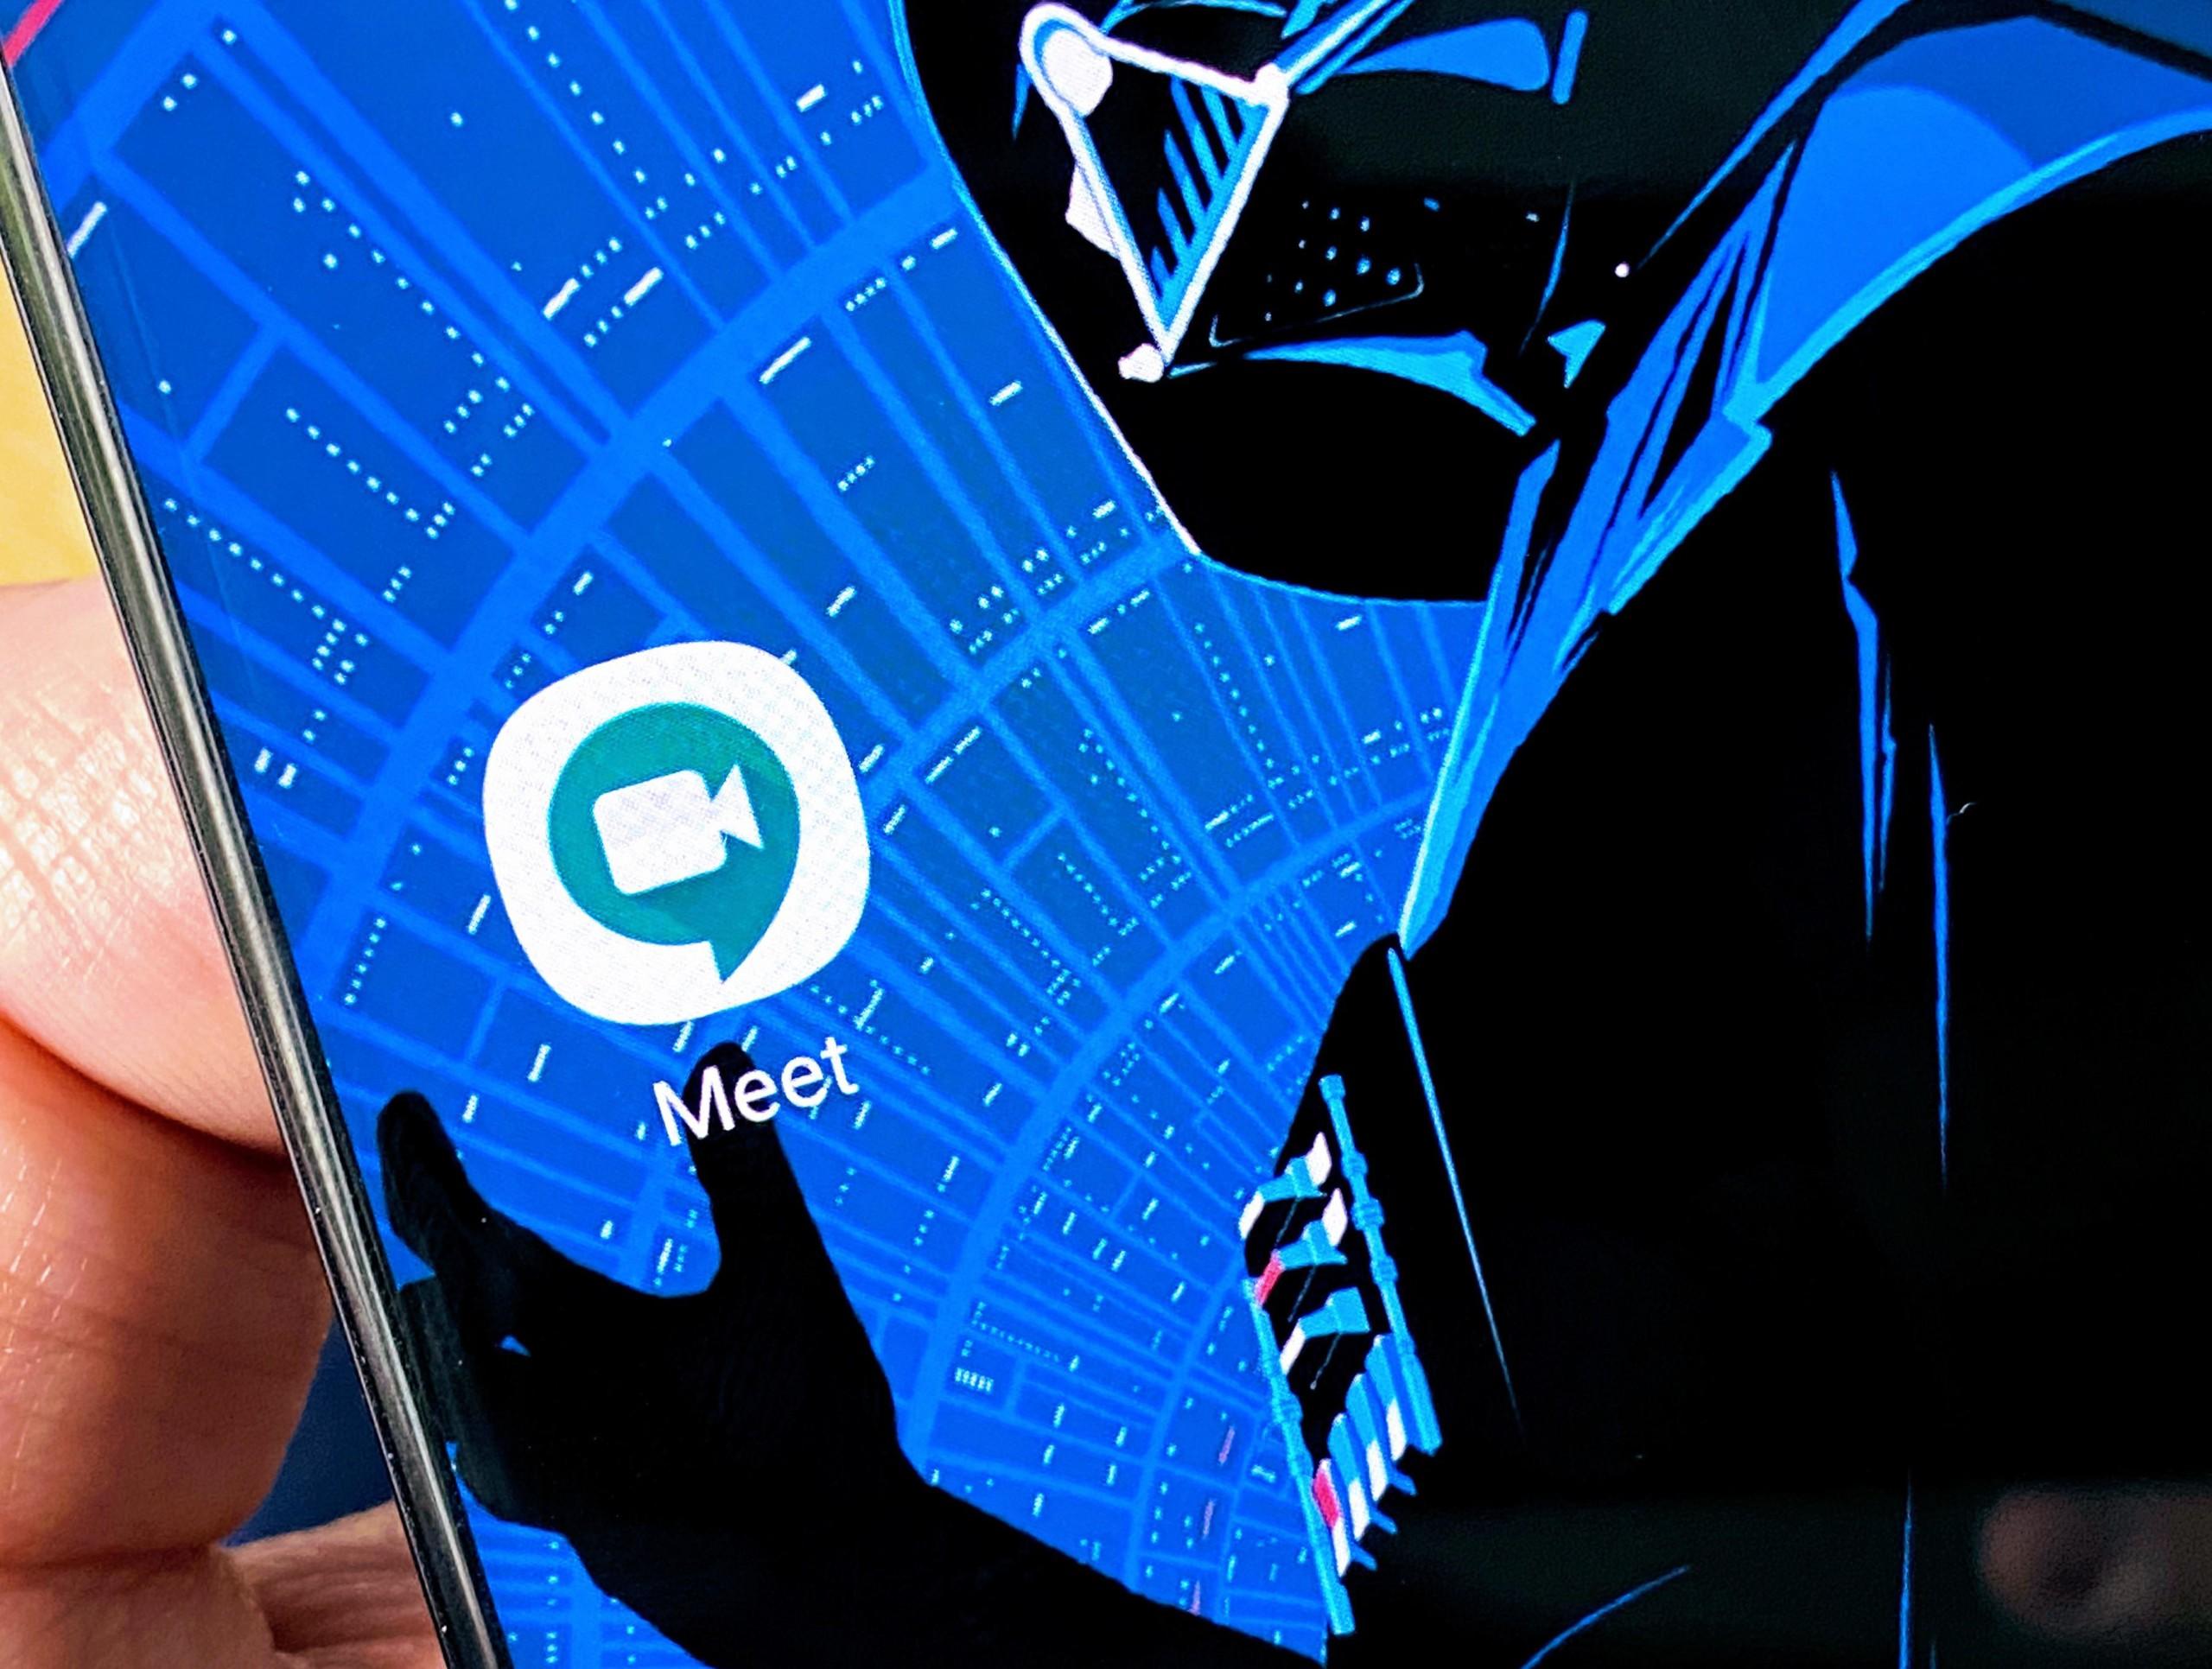 Google Meet est désormais gratuit pour tout le monde : ce qu'il faut connaître sur ce service